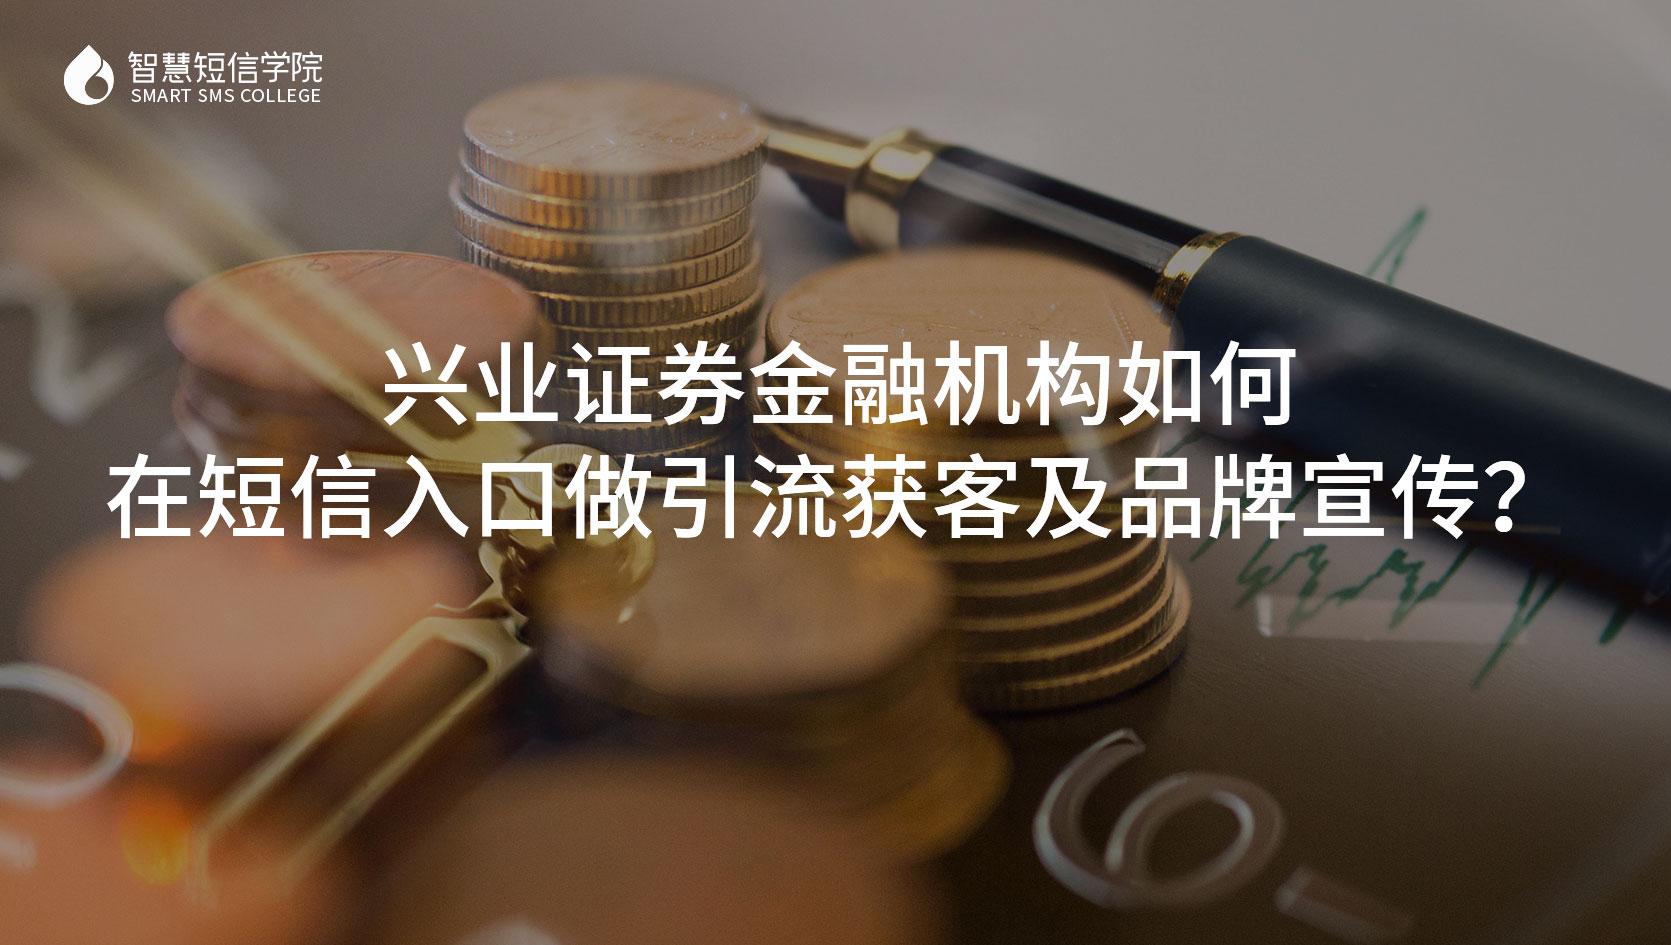 兴业证券金融机构如何在短信入口做引流获客及品牌宣传?